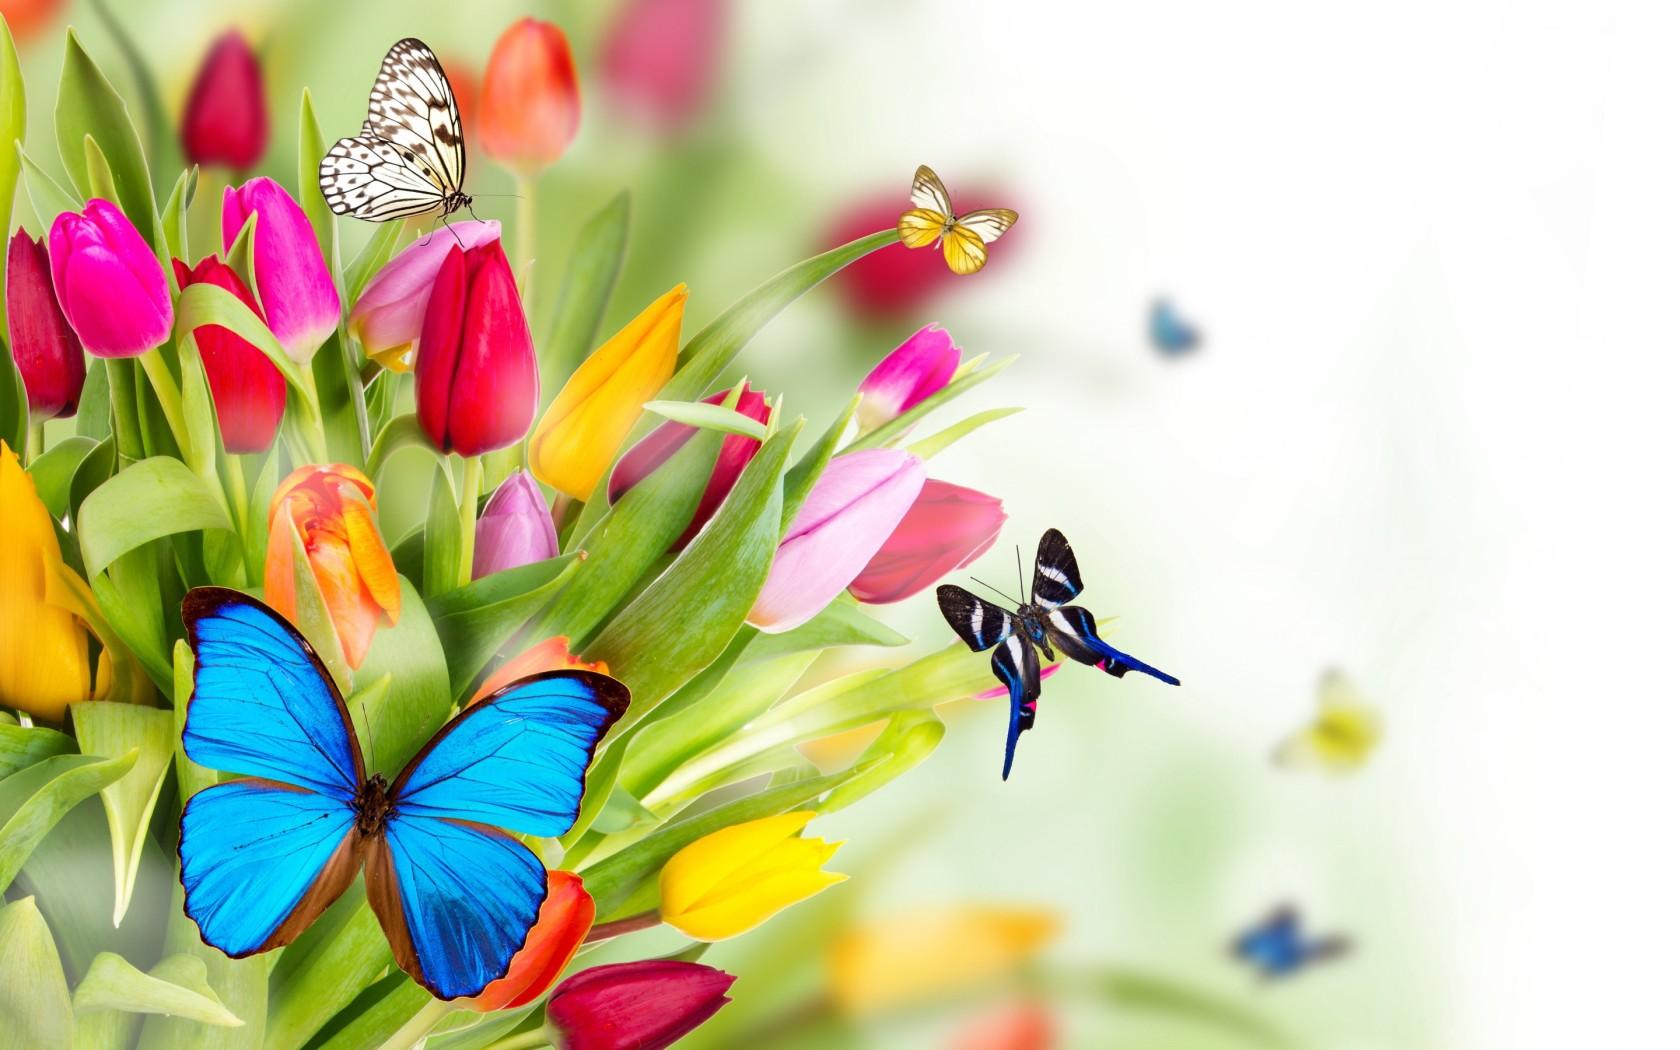 1024x768px Butterflies Wallpaper Full HD | #323143